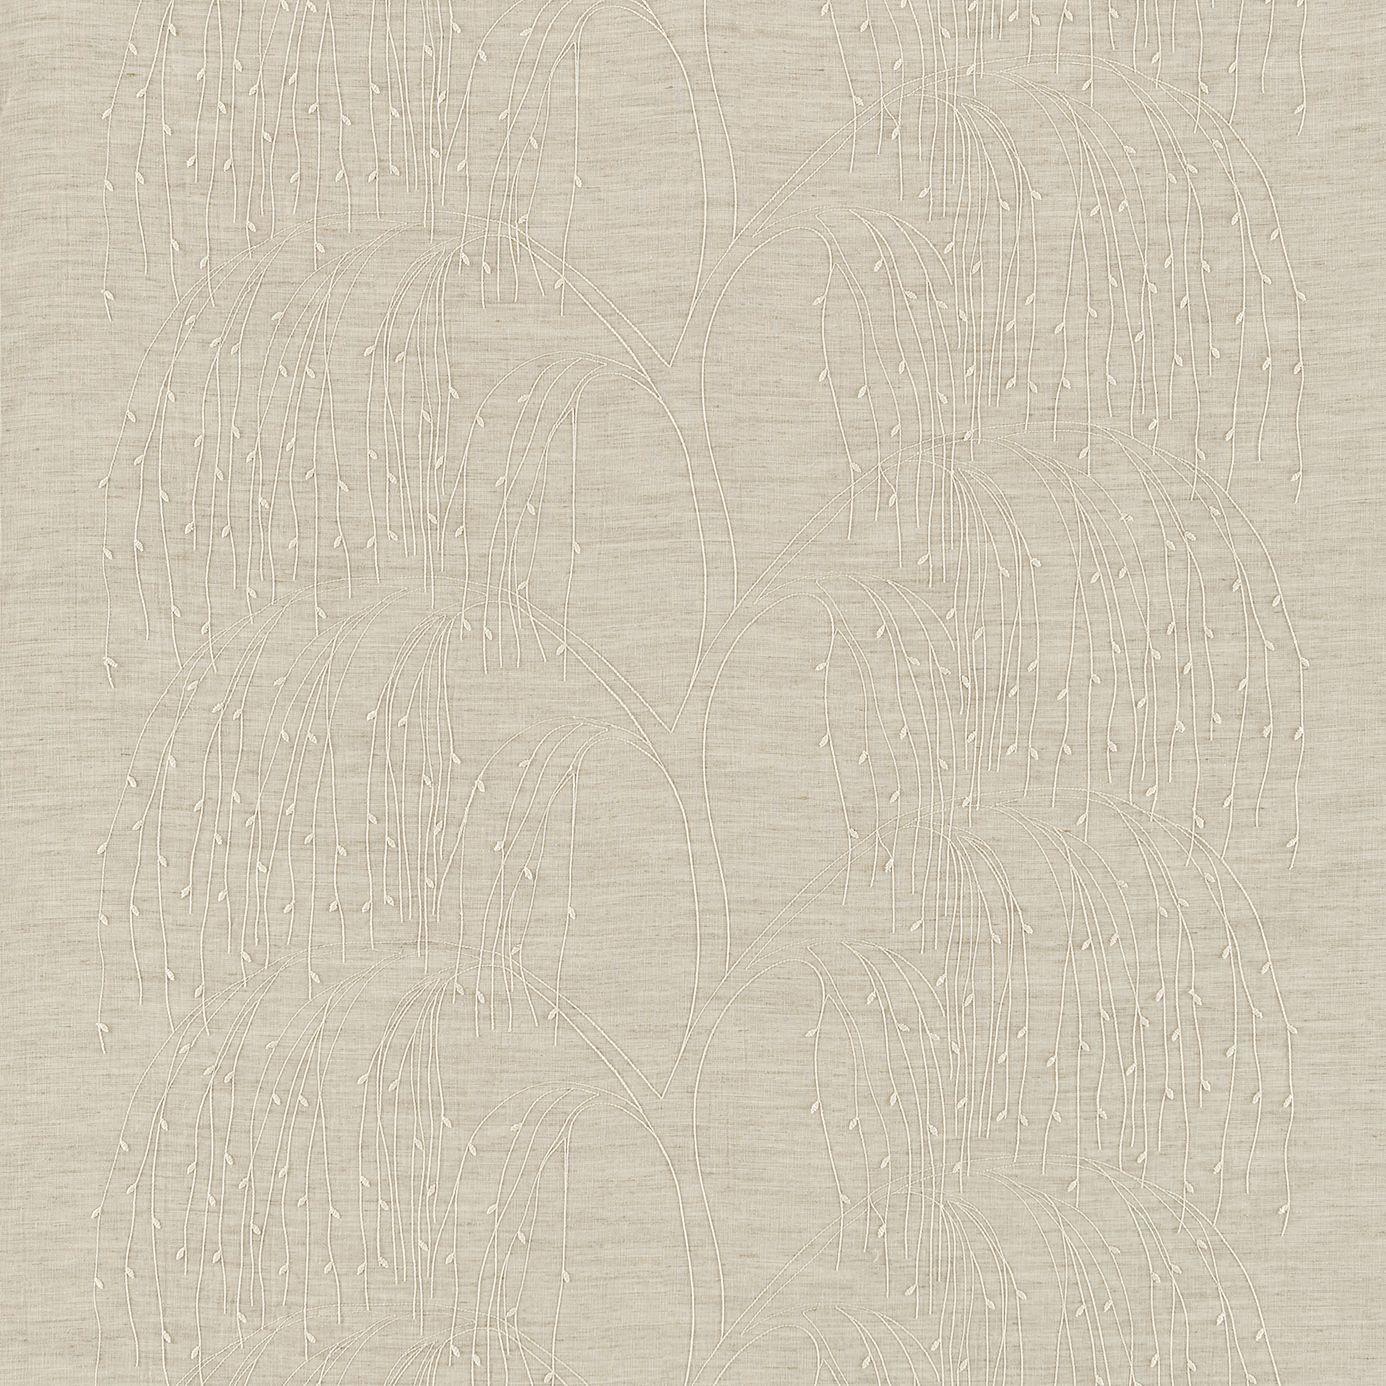 Harlequin Bakari Fabrics Willow Sheer Fabric   Off White/Coffee   2568.  Loading Zoom